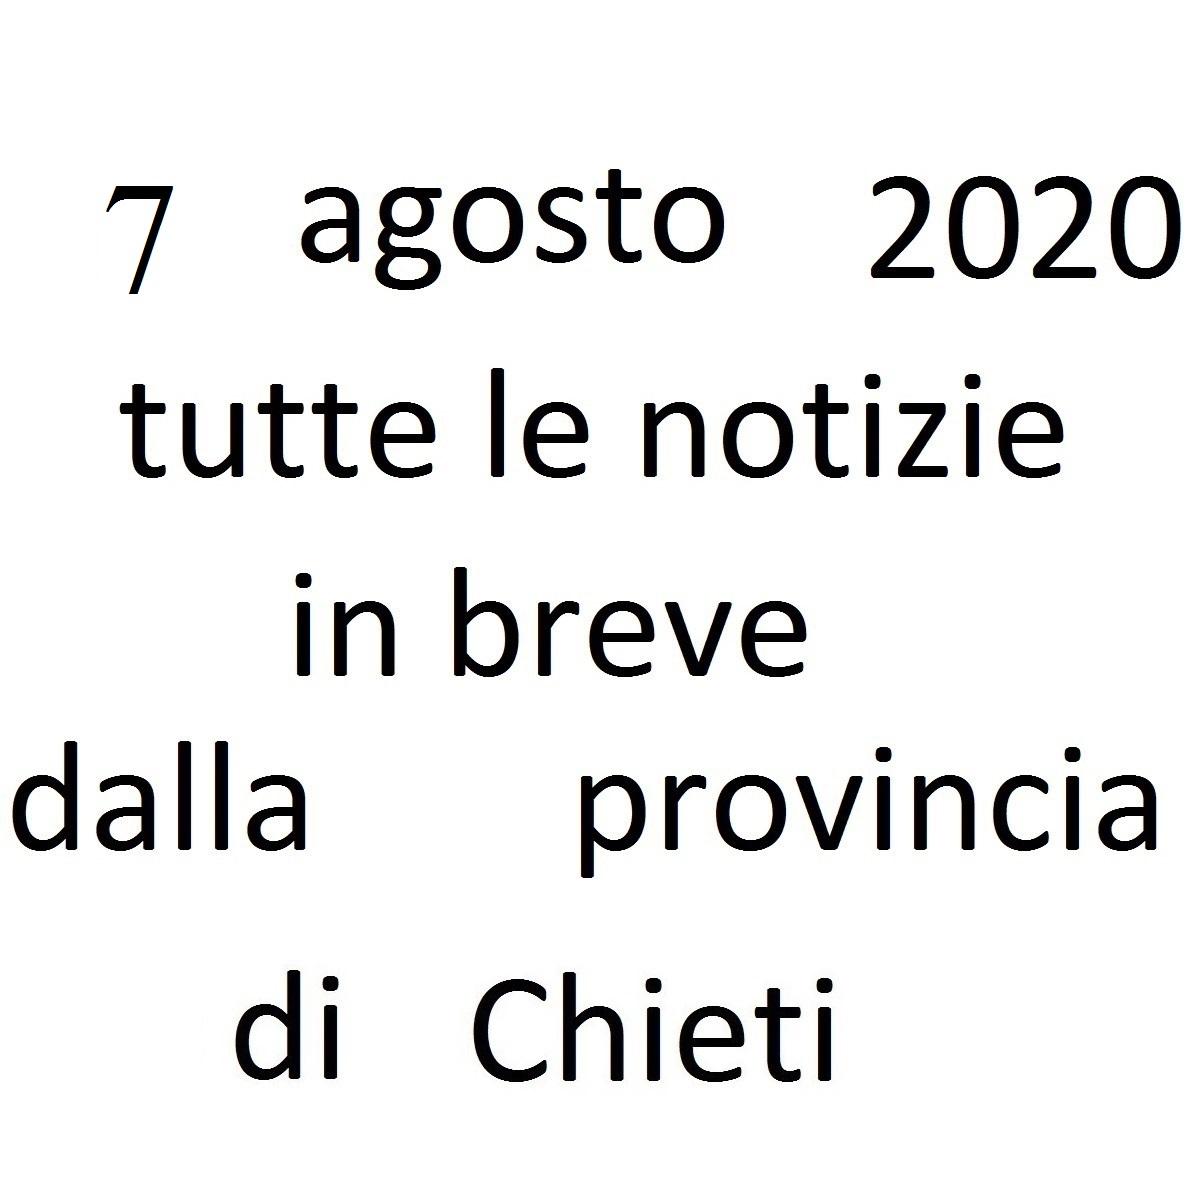 7 agosto 2020 notizie in breve dalla Provincia di Chieti foto